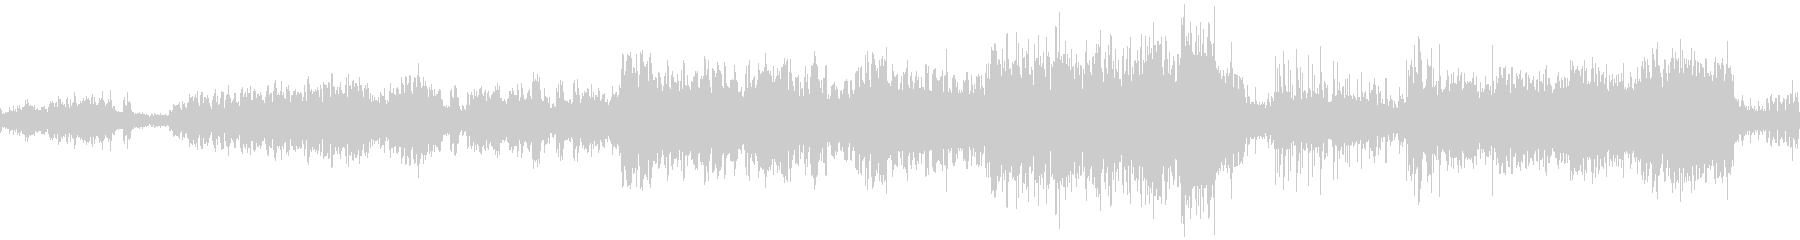 Fベーコンの絵をイメージした劇伴曲の未再生の波形